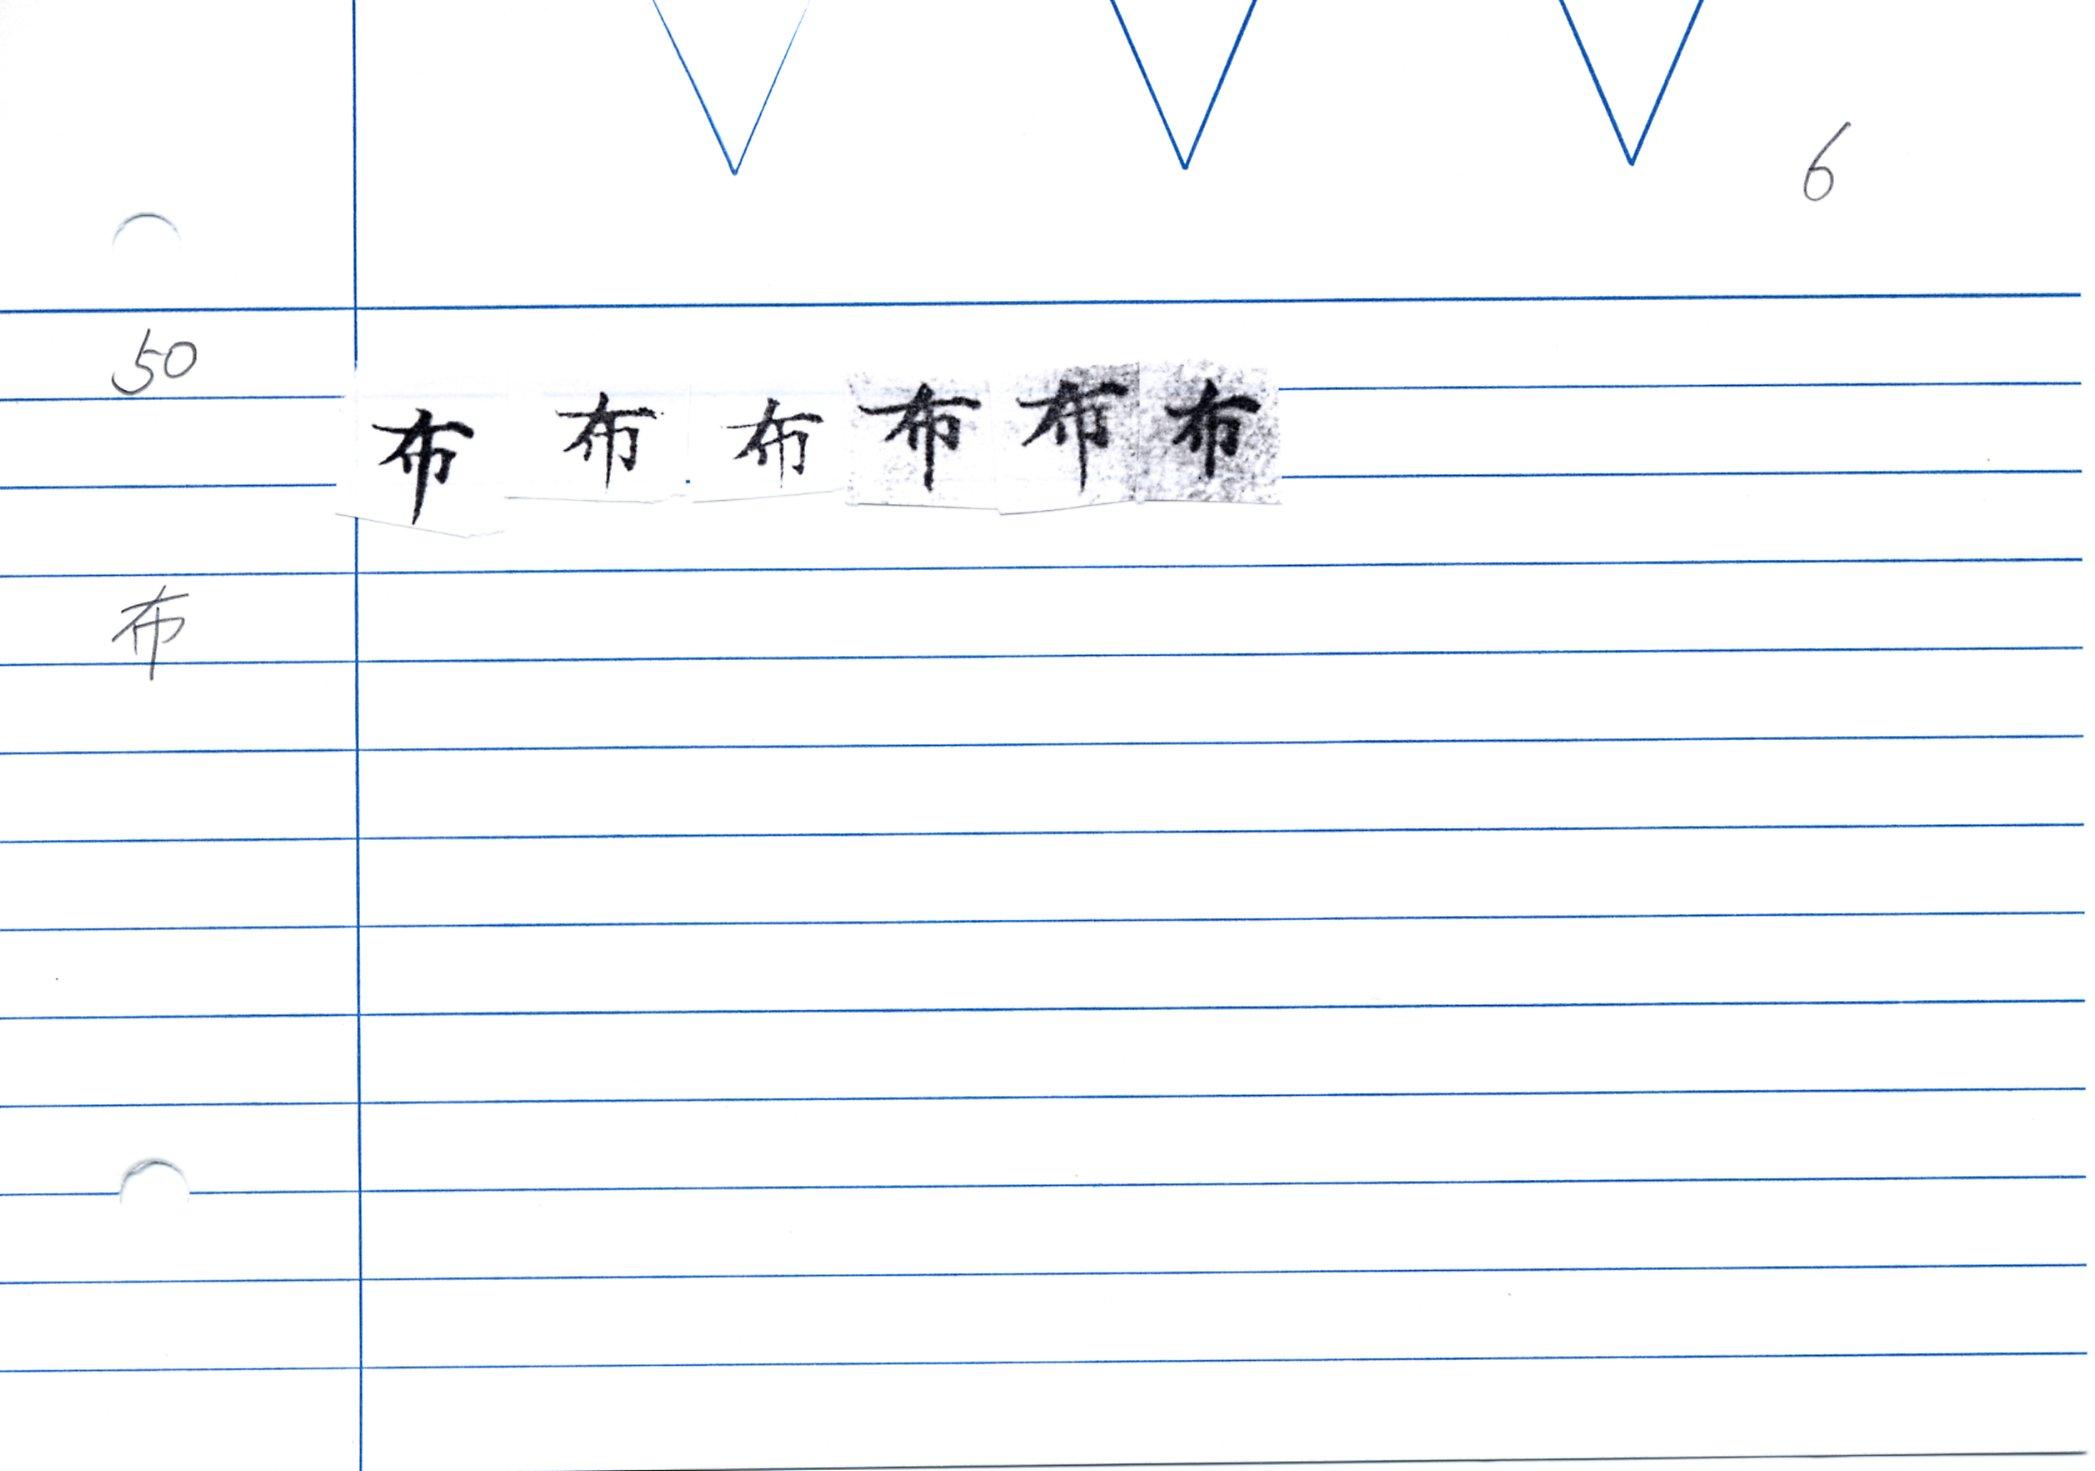 54_大般若經卷二百五十(和銅經)/cards/0073.JPG